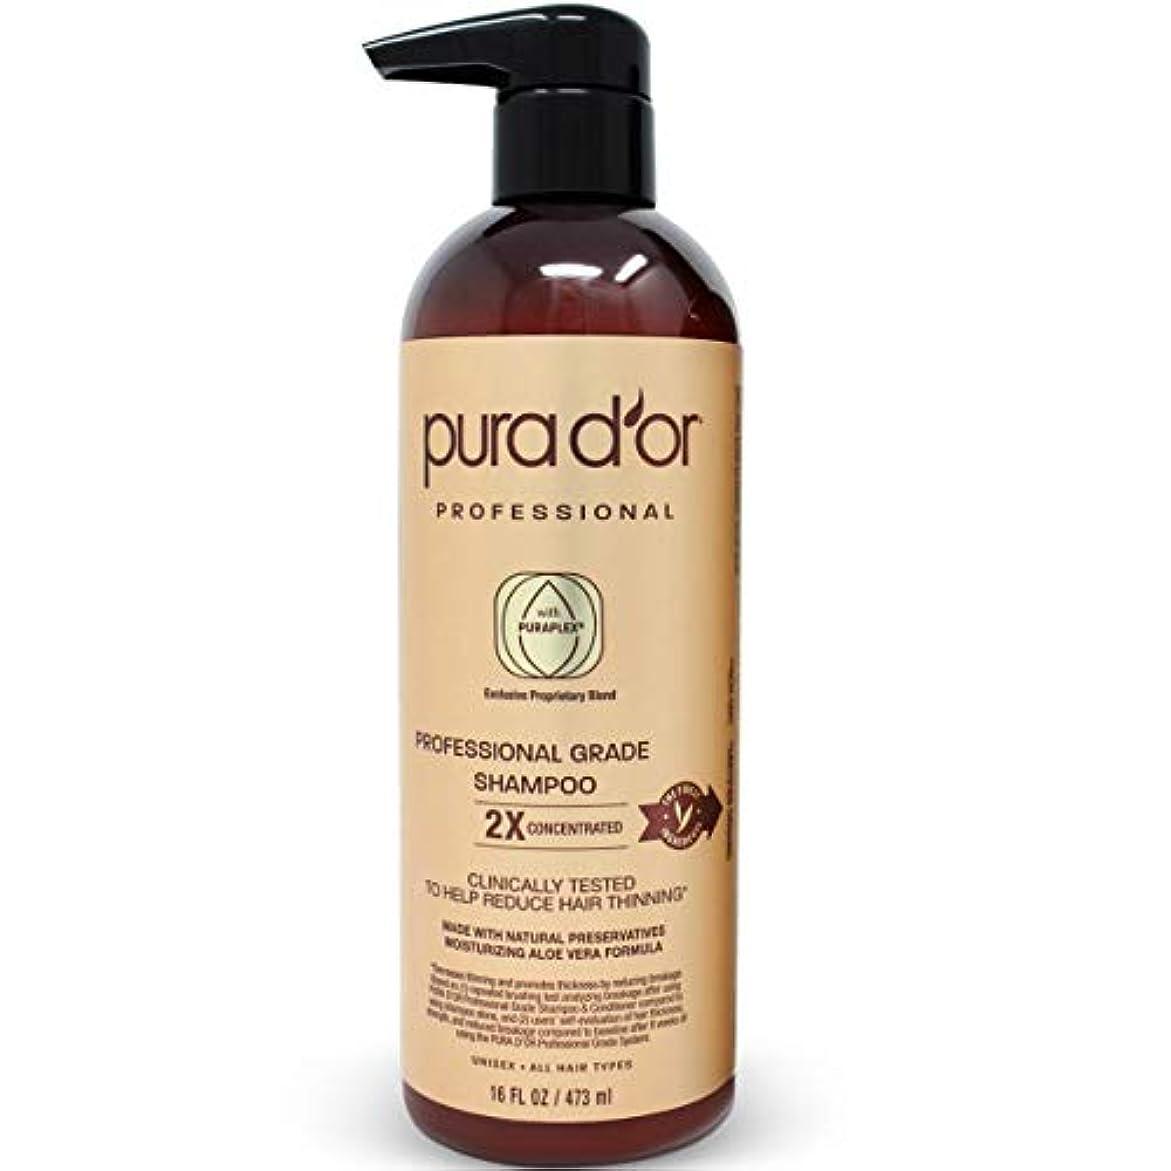 料理胃セッティングPURA D'OR プロフェッショナル品質 薄毛対策 2X 濃縮 有効成分 効果を高める 天然成分 臨床試験済み、硫酸塩フリー、男性 & 女性、473 ml(16 液量オンス) シャンプー